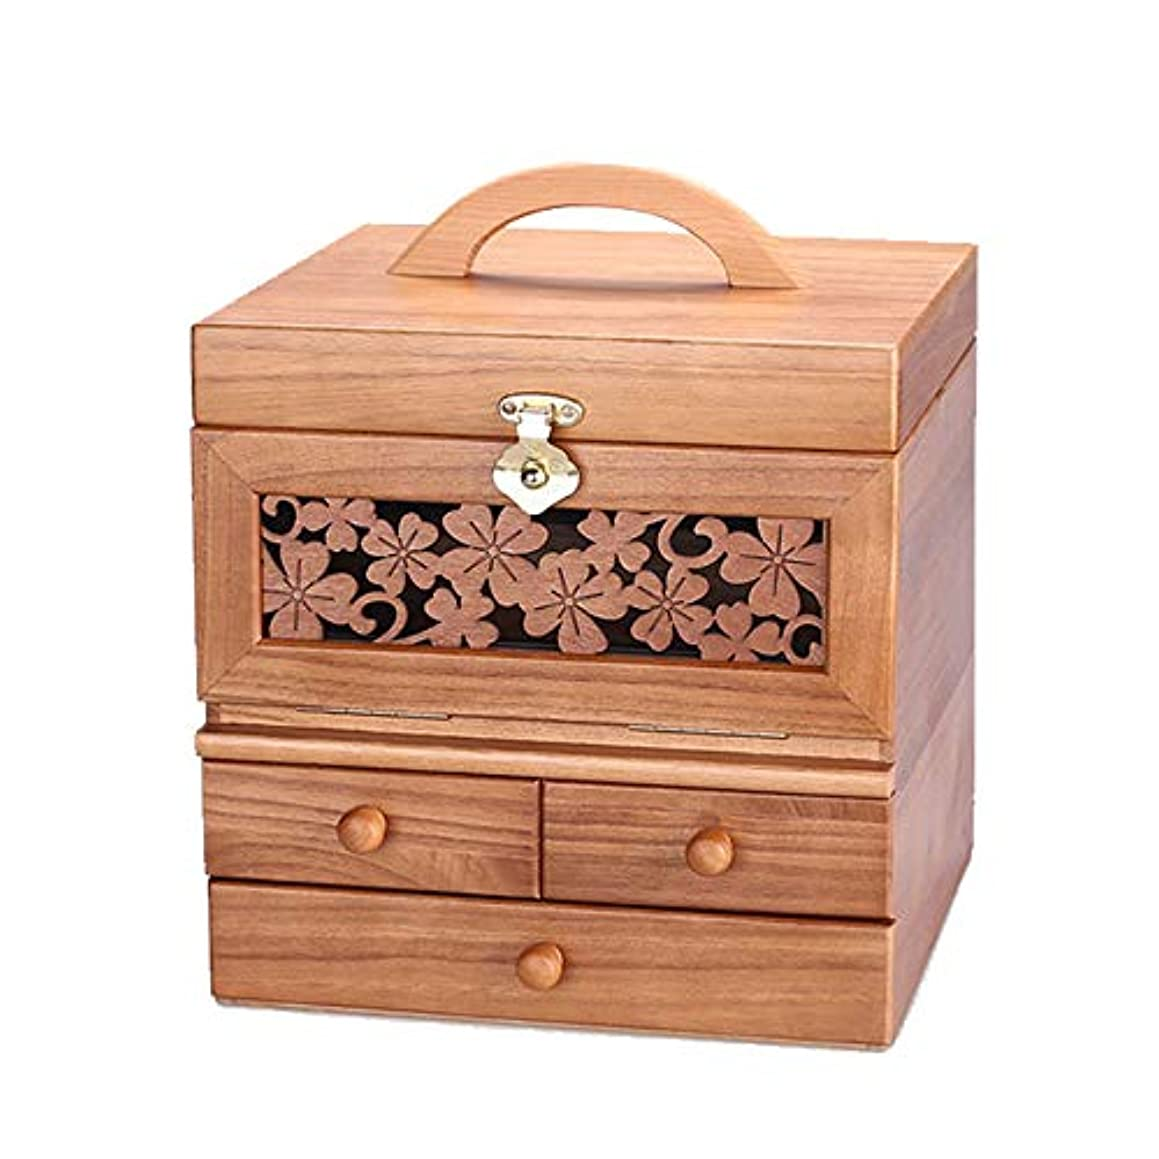 選択するグレード印刷するRouling メイクボックス コスメボックス 化粧ボックス コンパクト 三面鏡 化粧box 化粧箱 化粧小物 化粧道具入れ メイク 天然木 完成品 (BROWN)